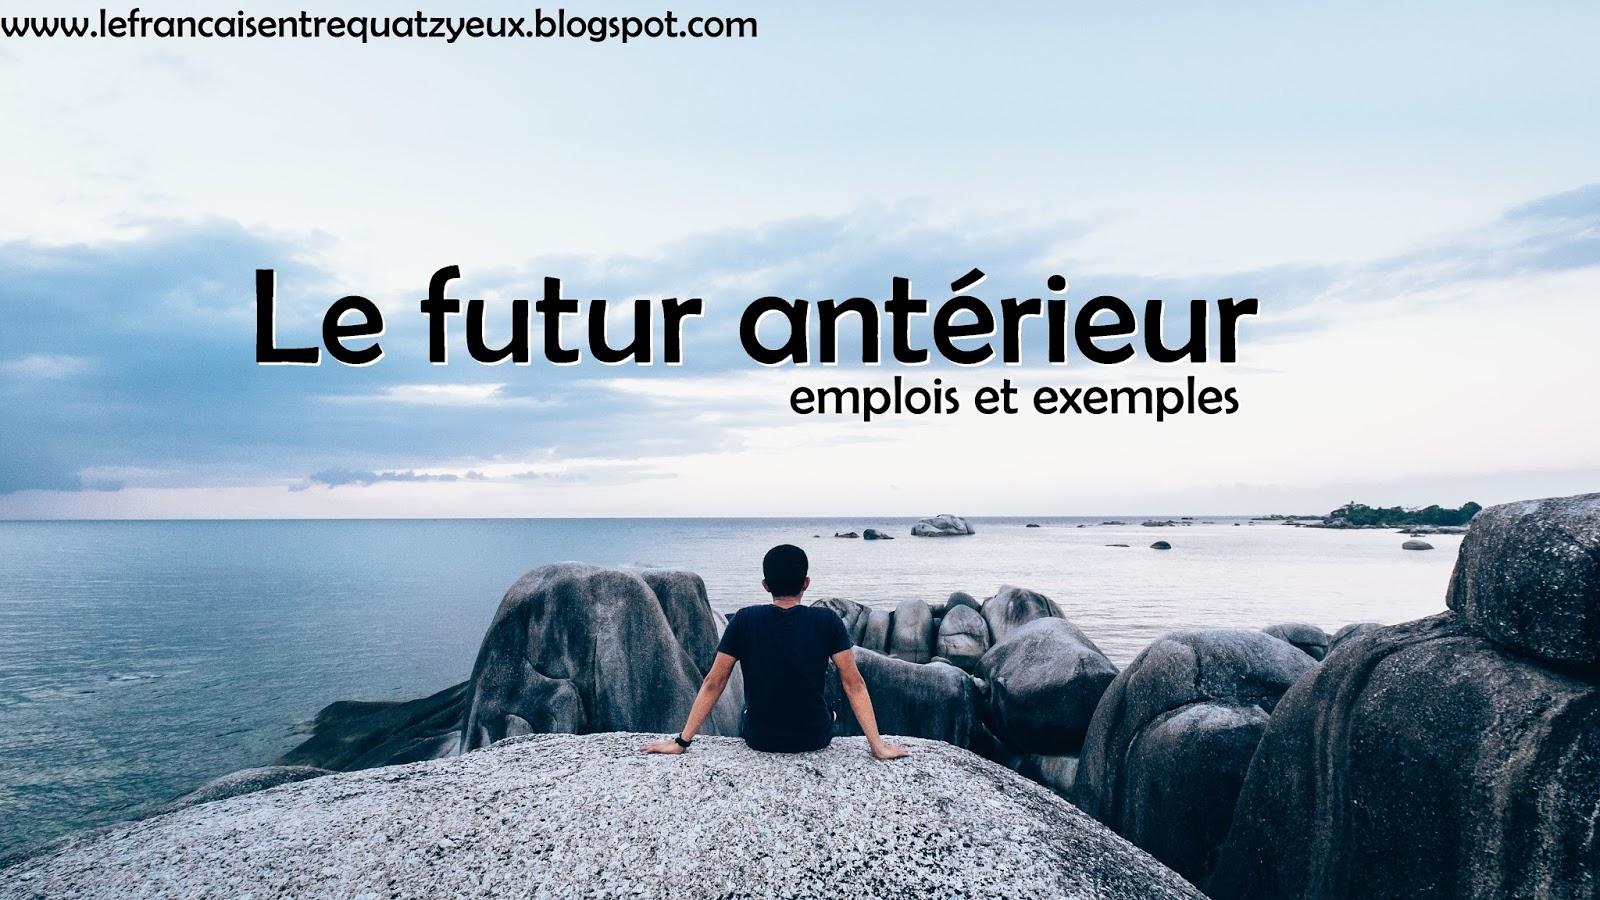 Le futur ant rieur formation emplois et exemples le for Futur interieur